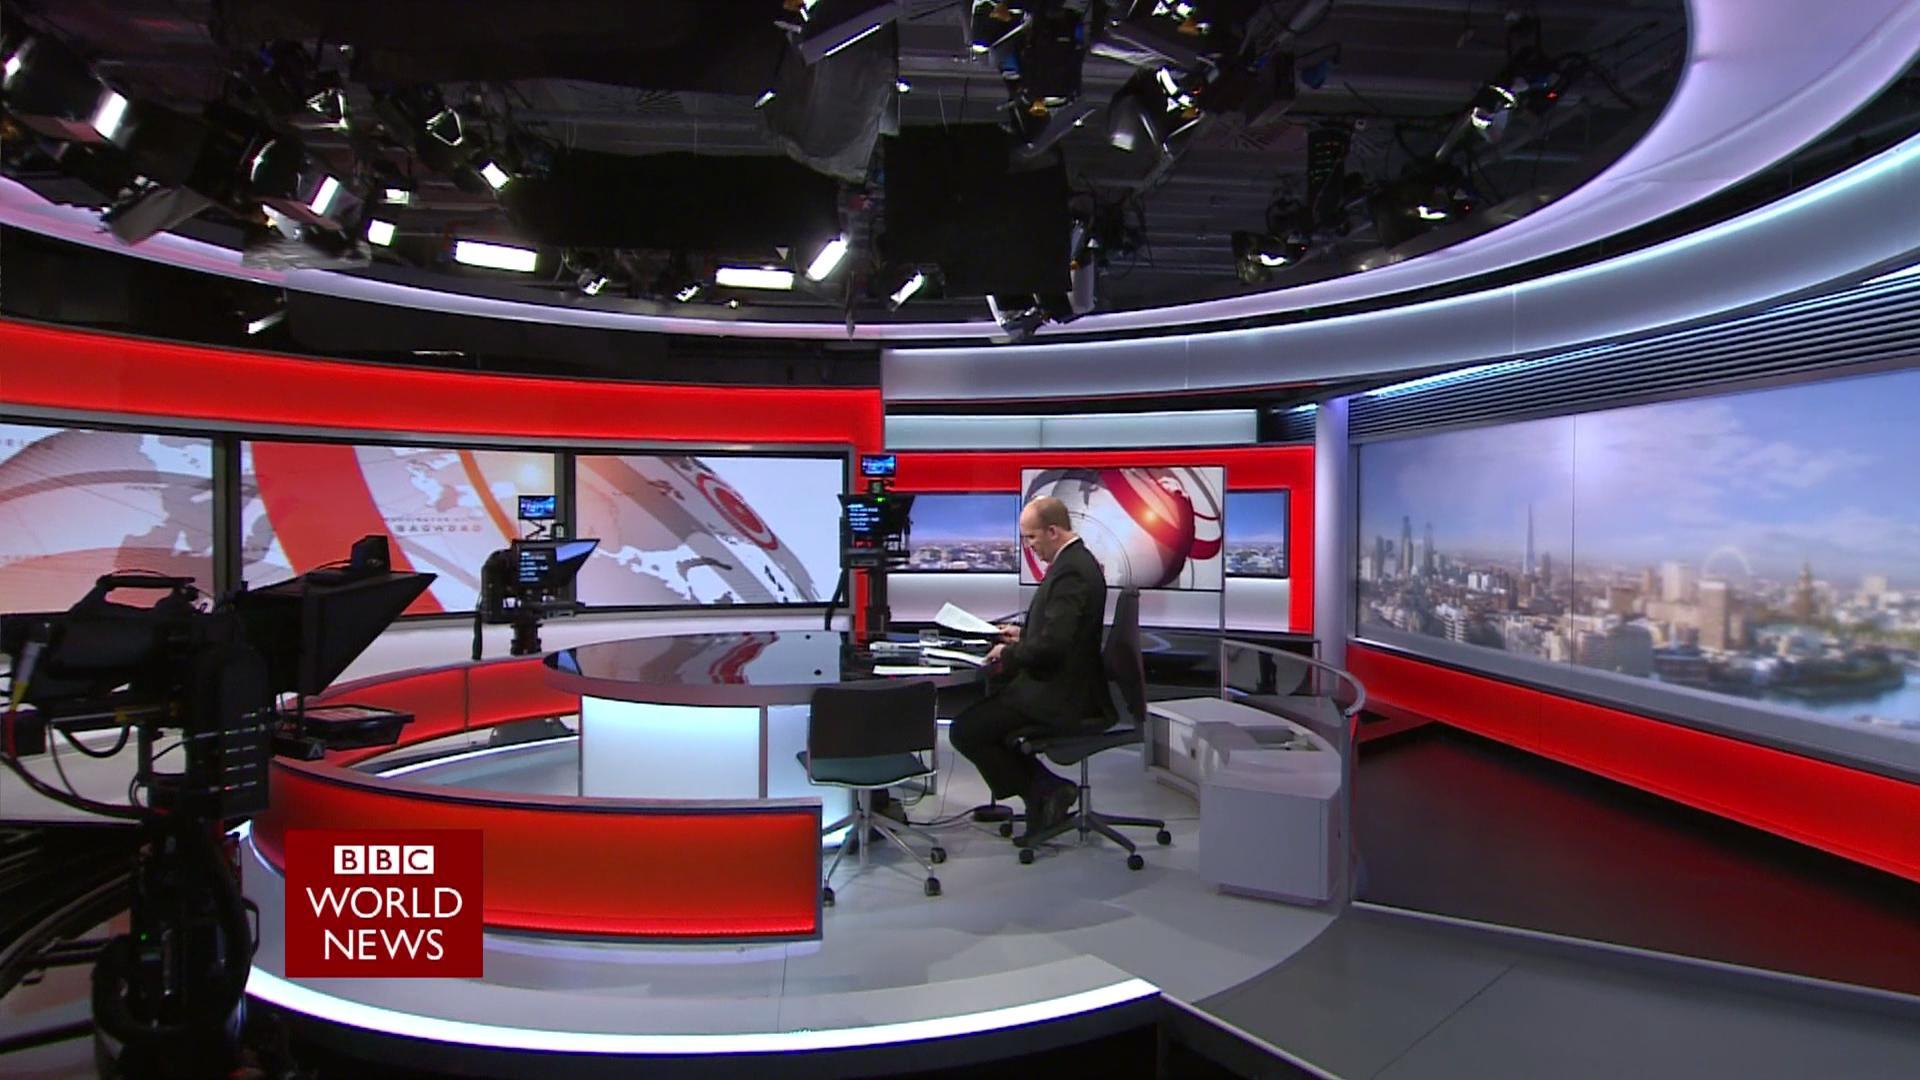 bbc news uk - photo #23